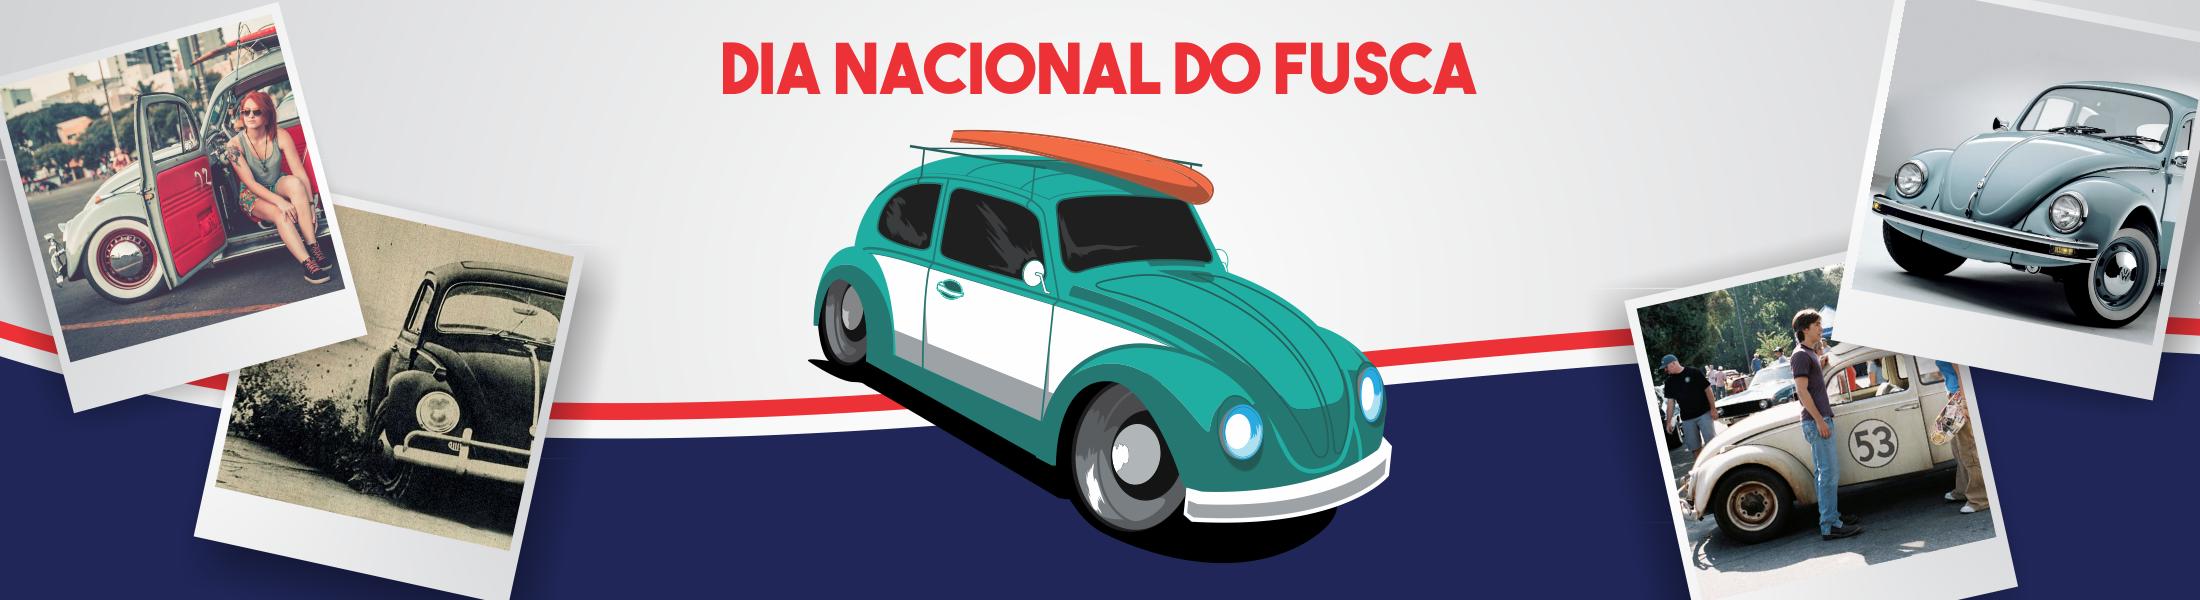 Dia Nacional do Fusca – 20 de Janeiro